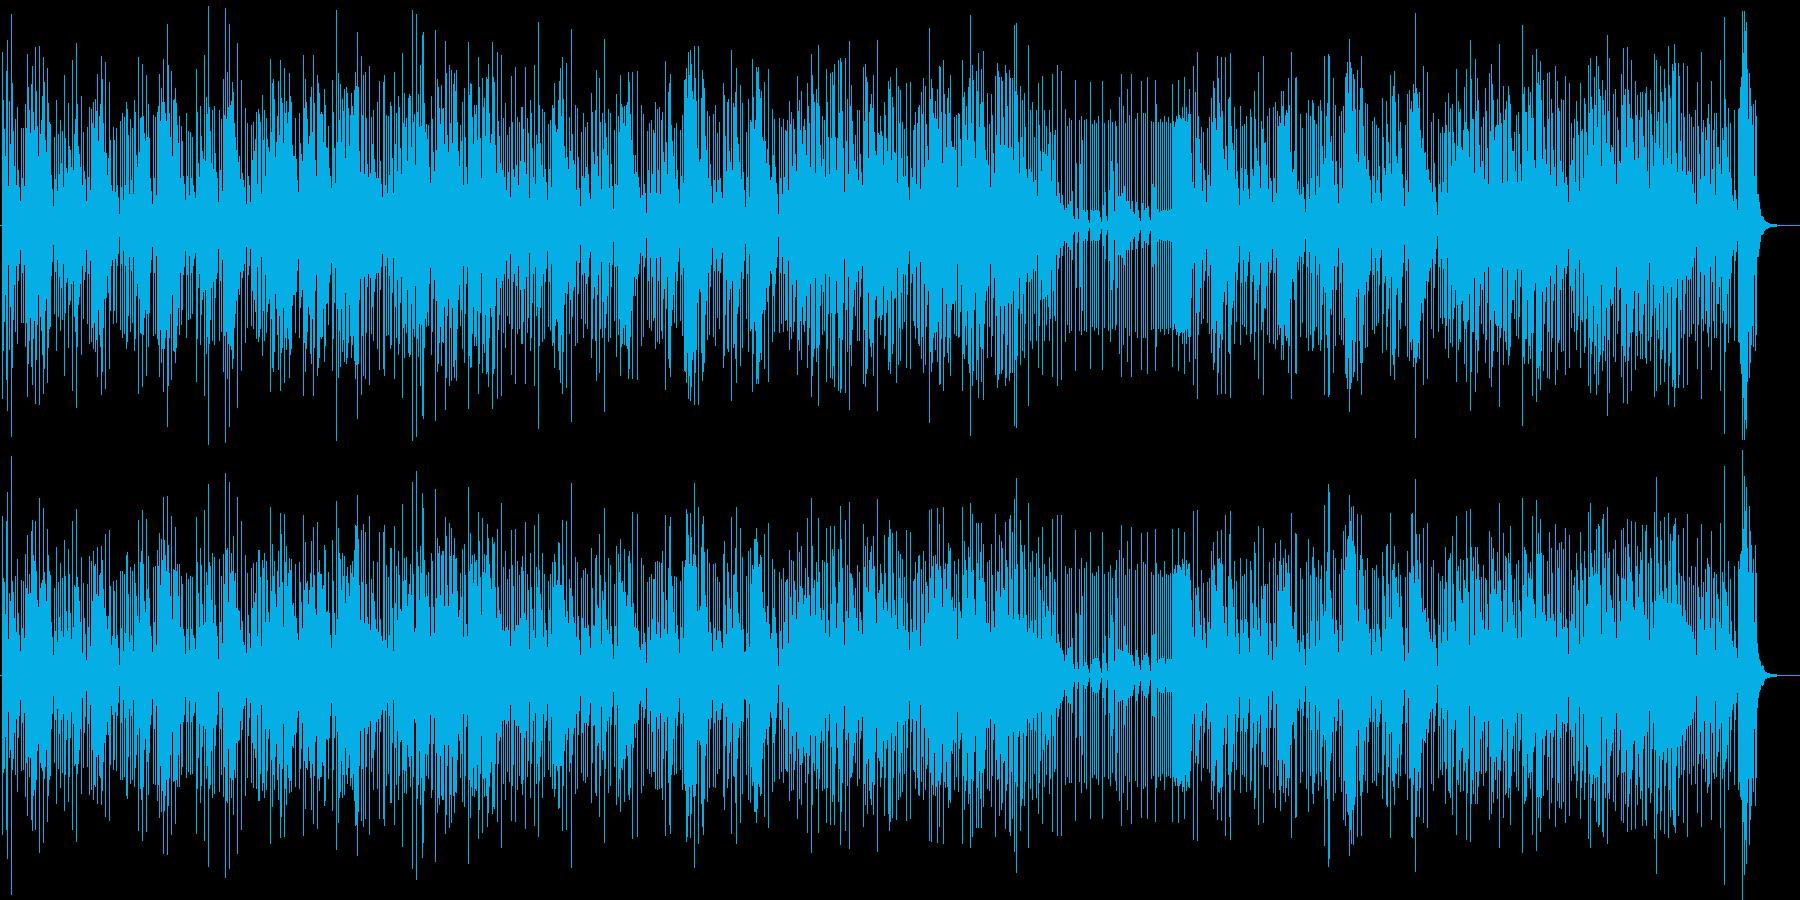 ヴァイブとパーカスの涼しいラテンジャズの再生済みの波形